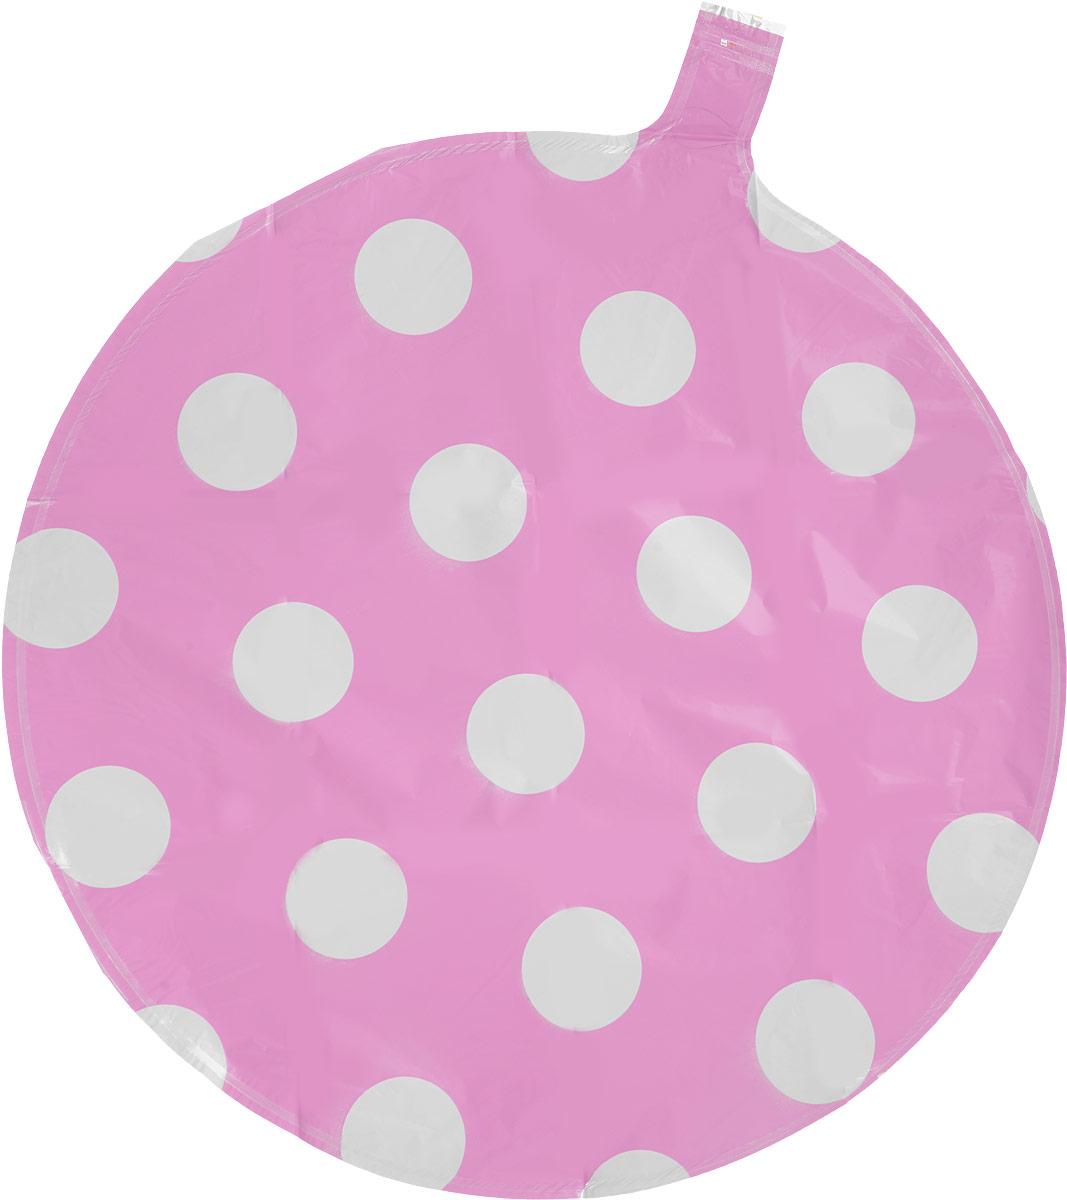 Sima-land Шар воздушный Круг цвет светло-розовый в белый горох